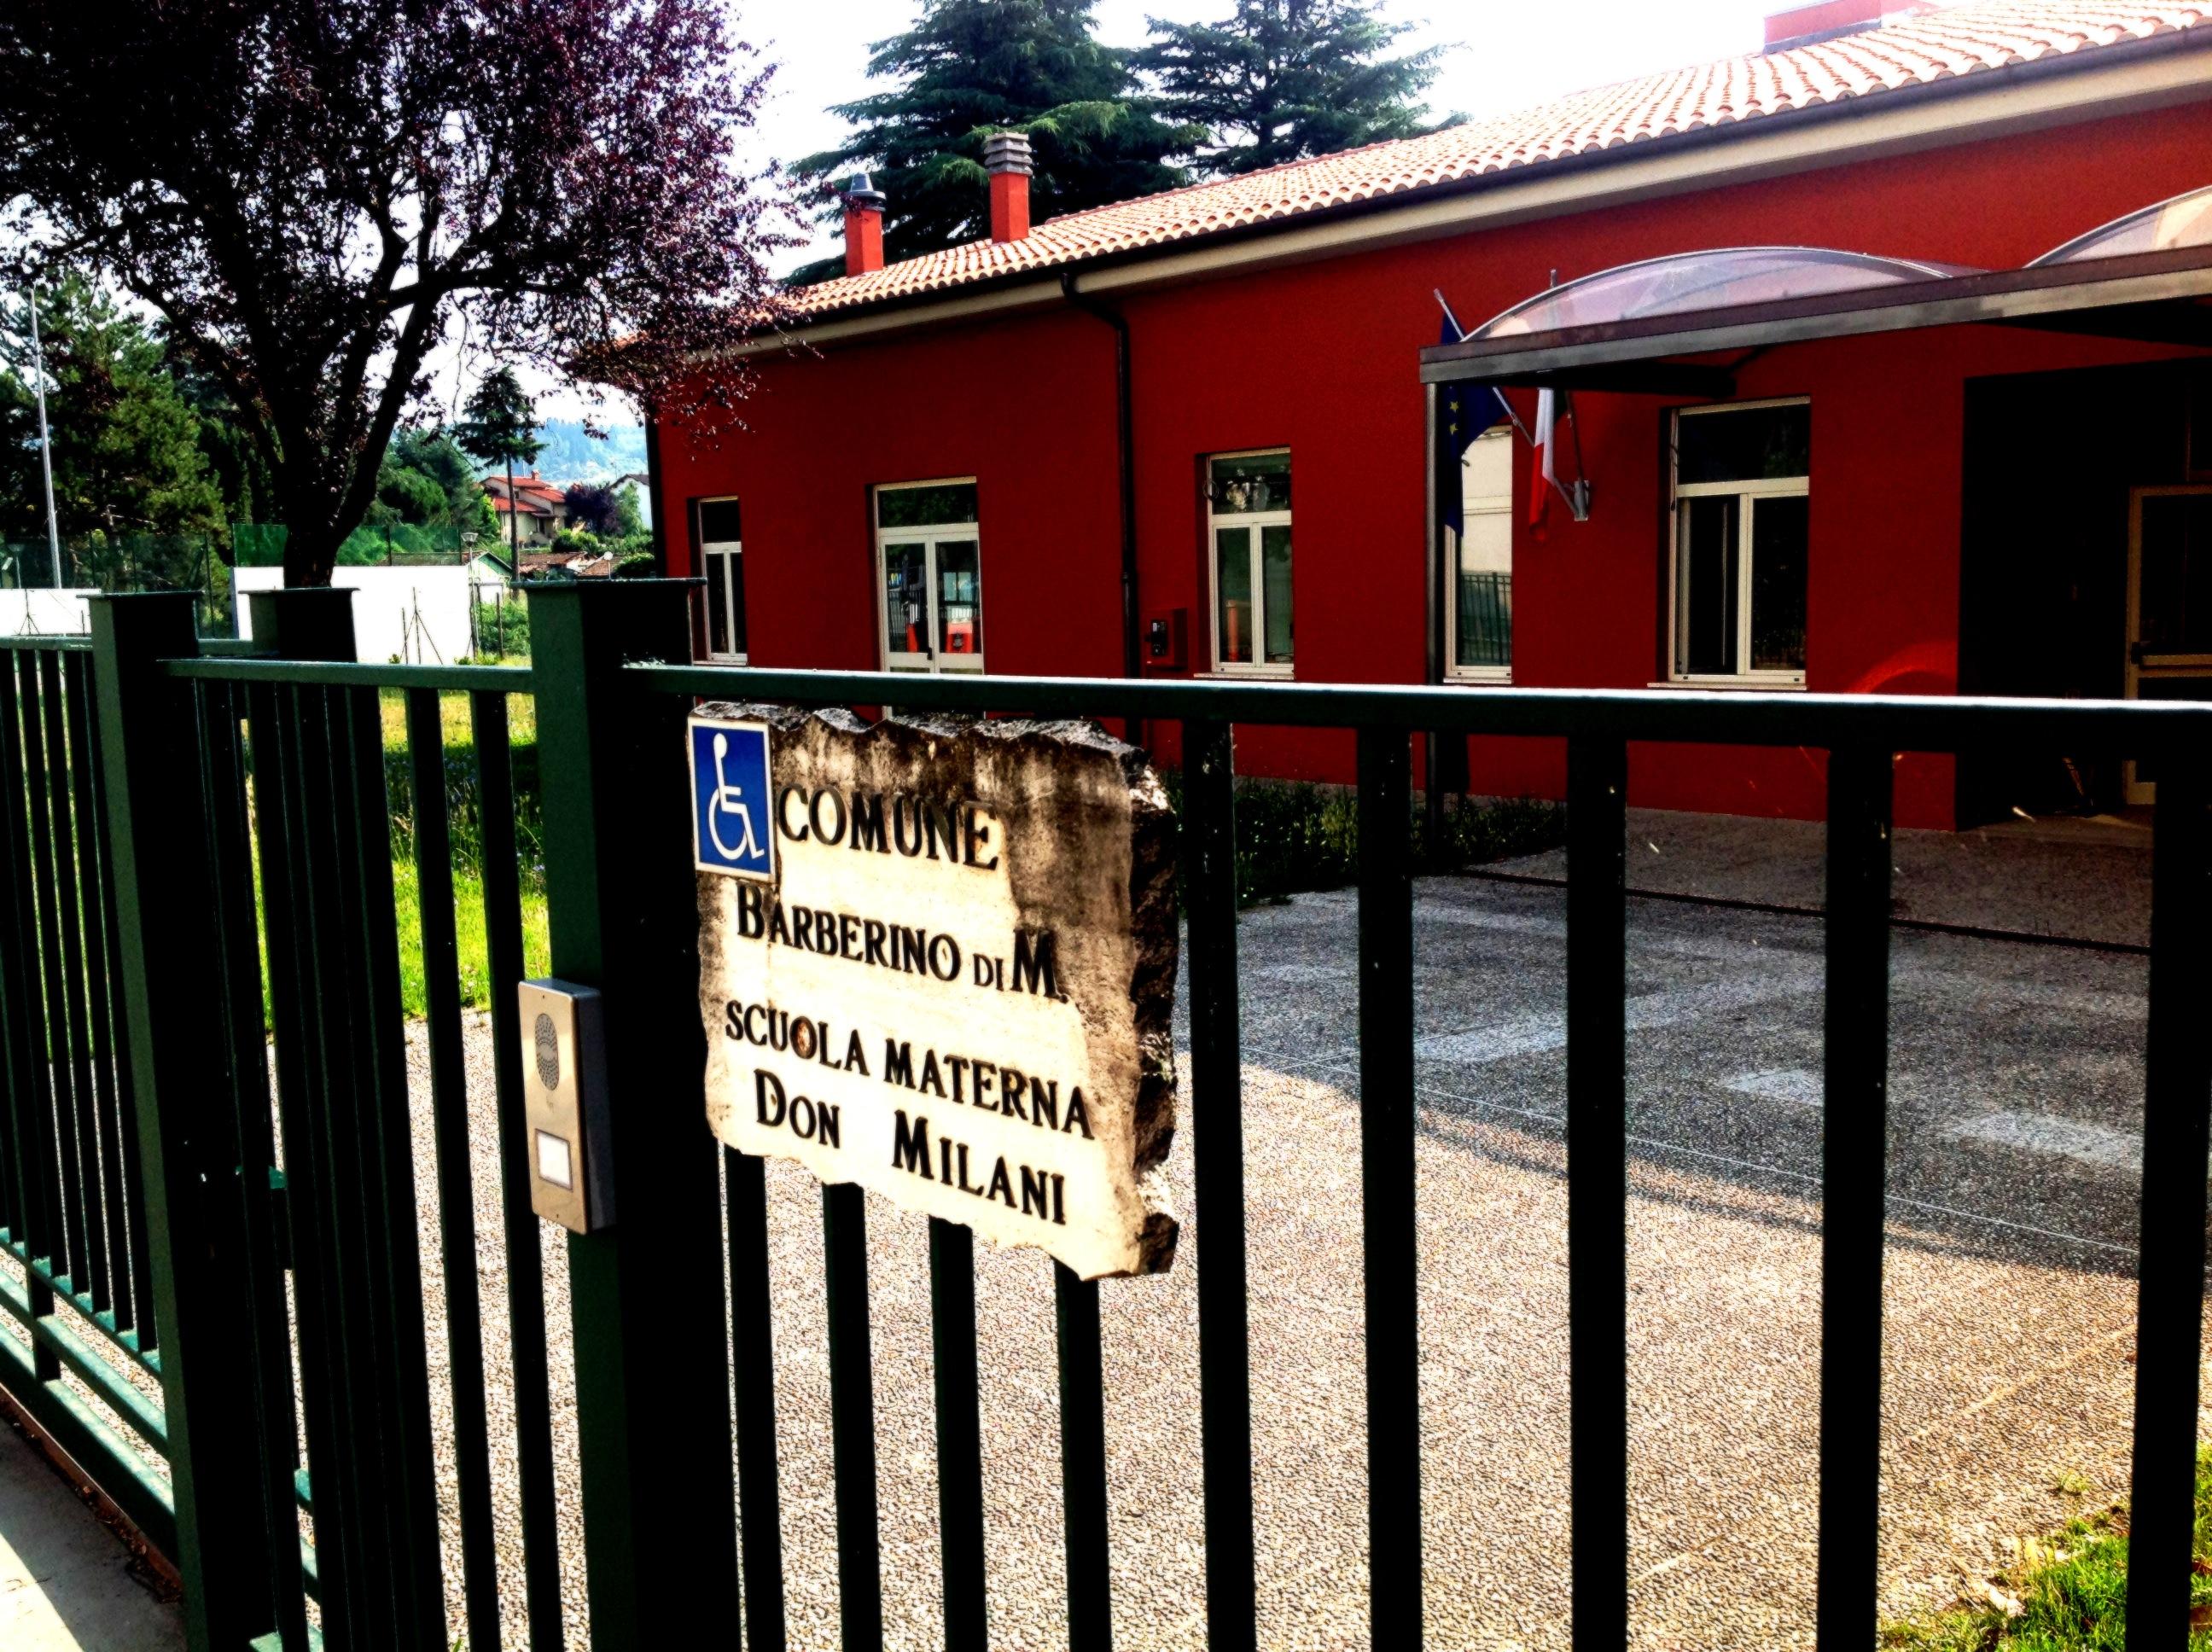 Domani 11 dicembre scuole aperte in Mugello. A Barberino scuole chiuse sino al 13 dicembre compreso